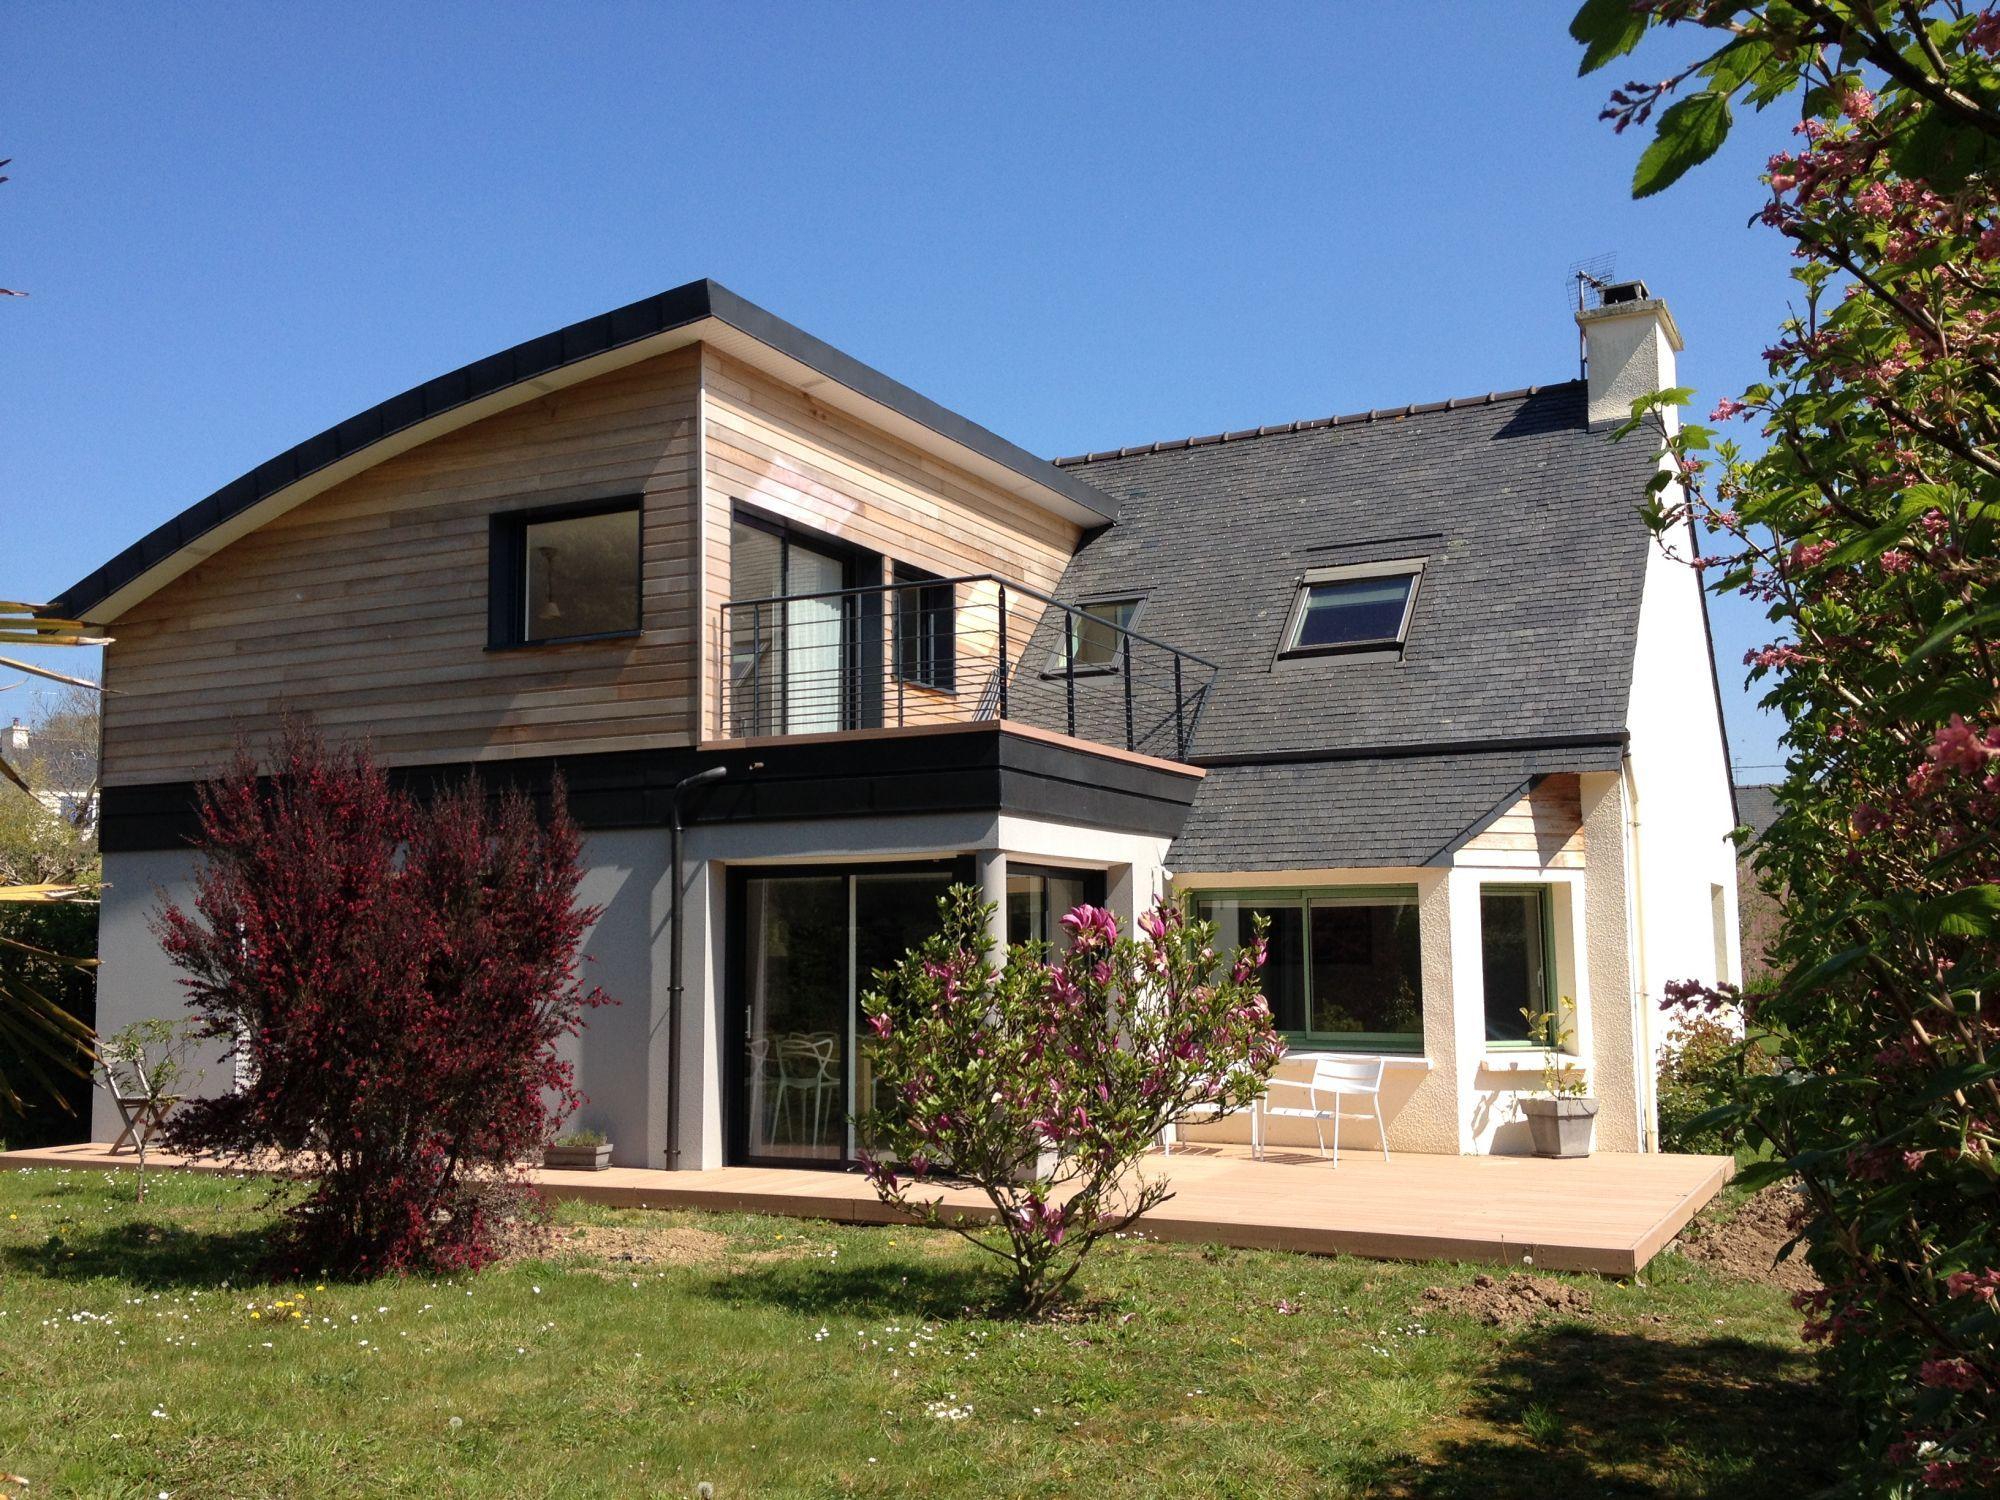 Extension de maison agrandissement de maison sur le for Agrandissement maison 59